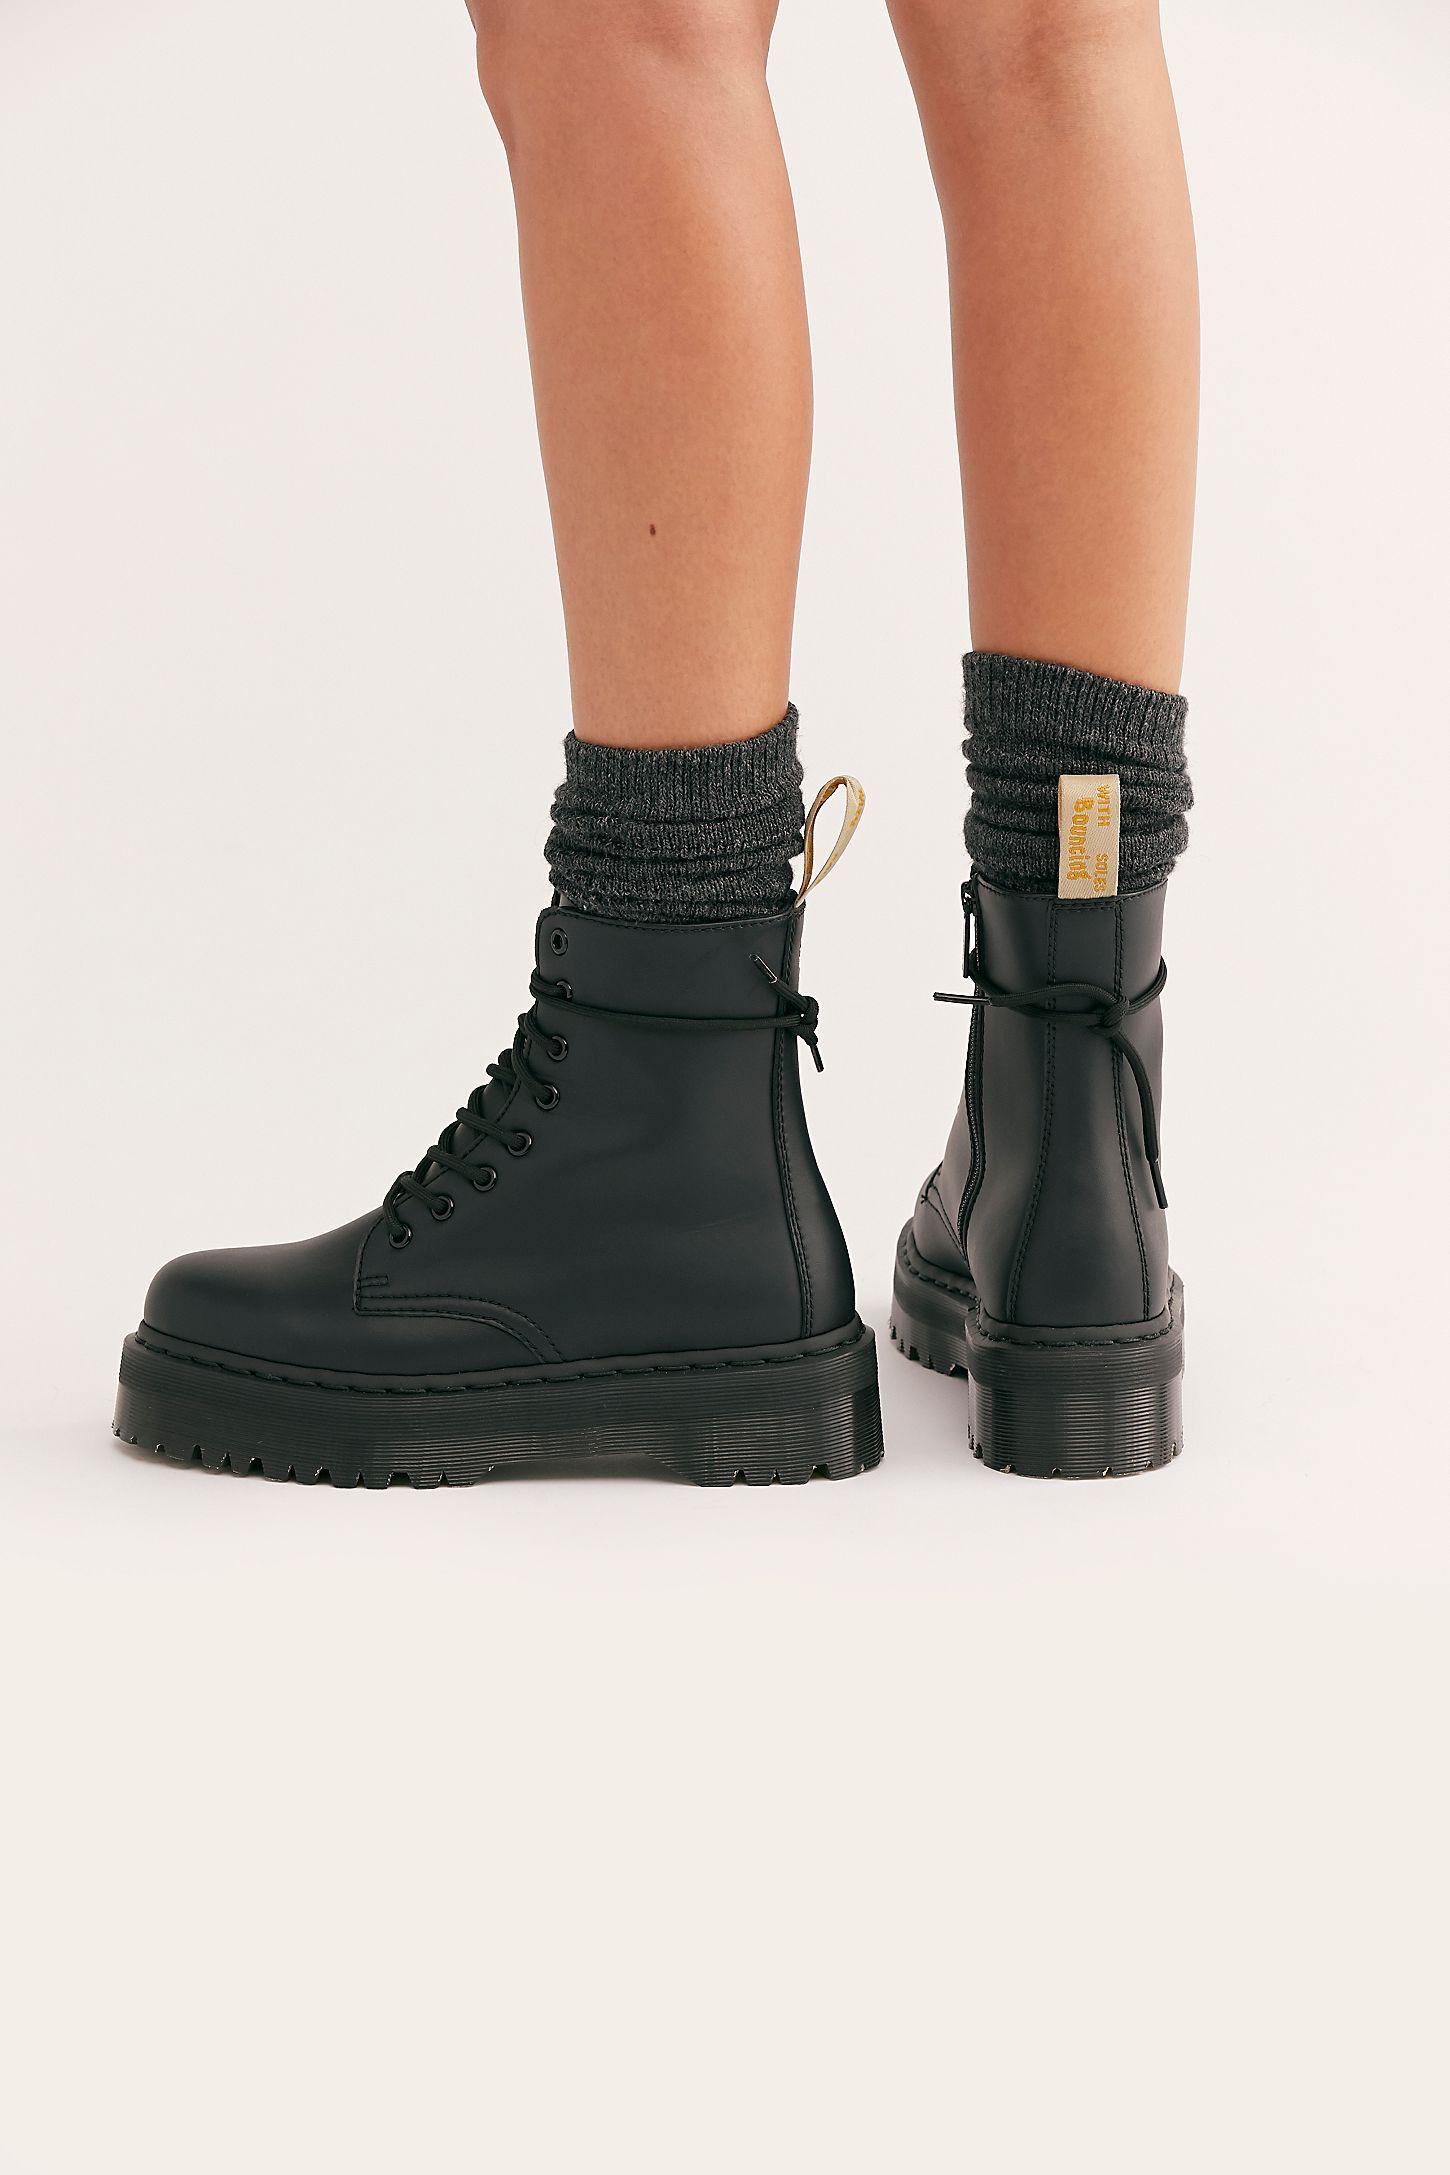 ASOS DESIGN – Ray – Klobige Stiefel mit Reißverschluss